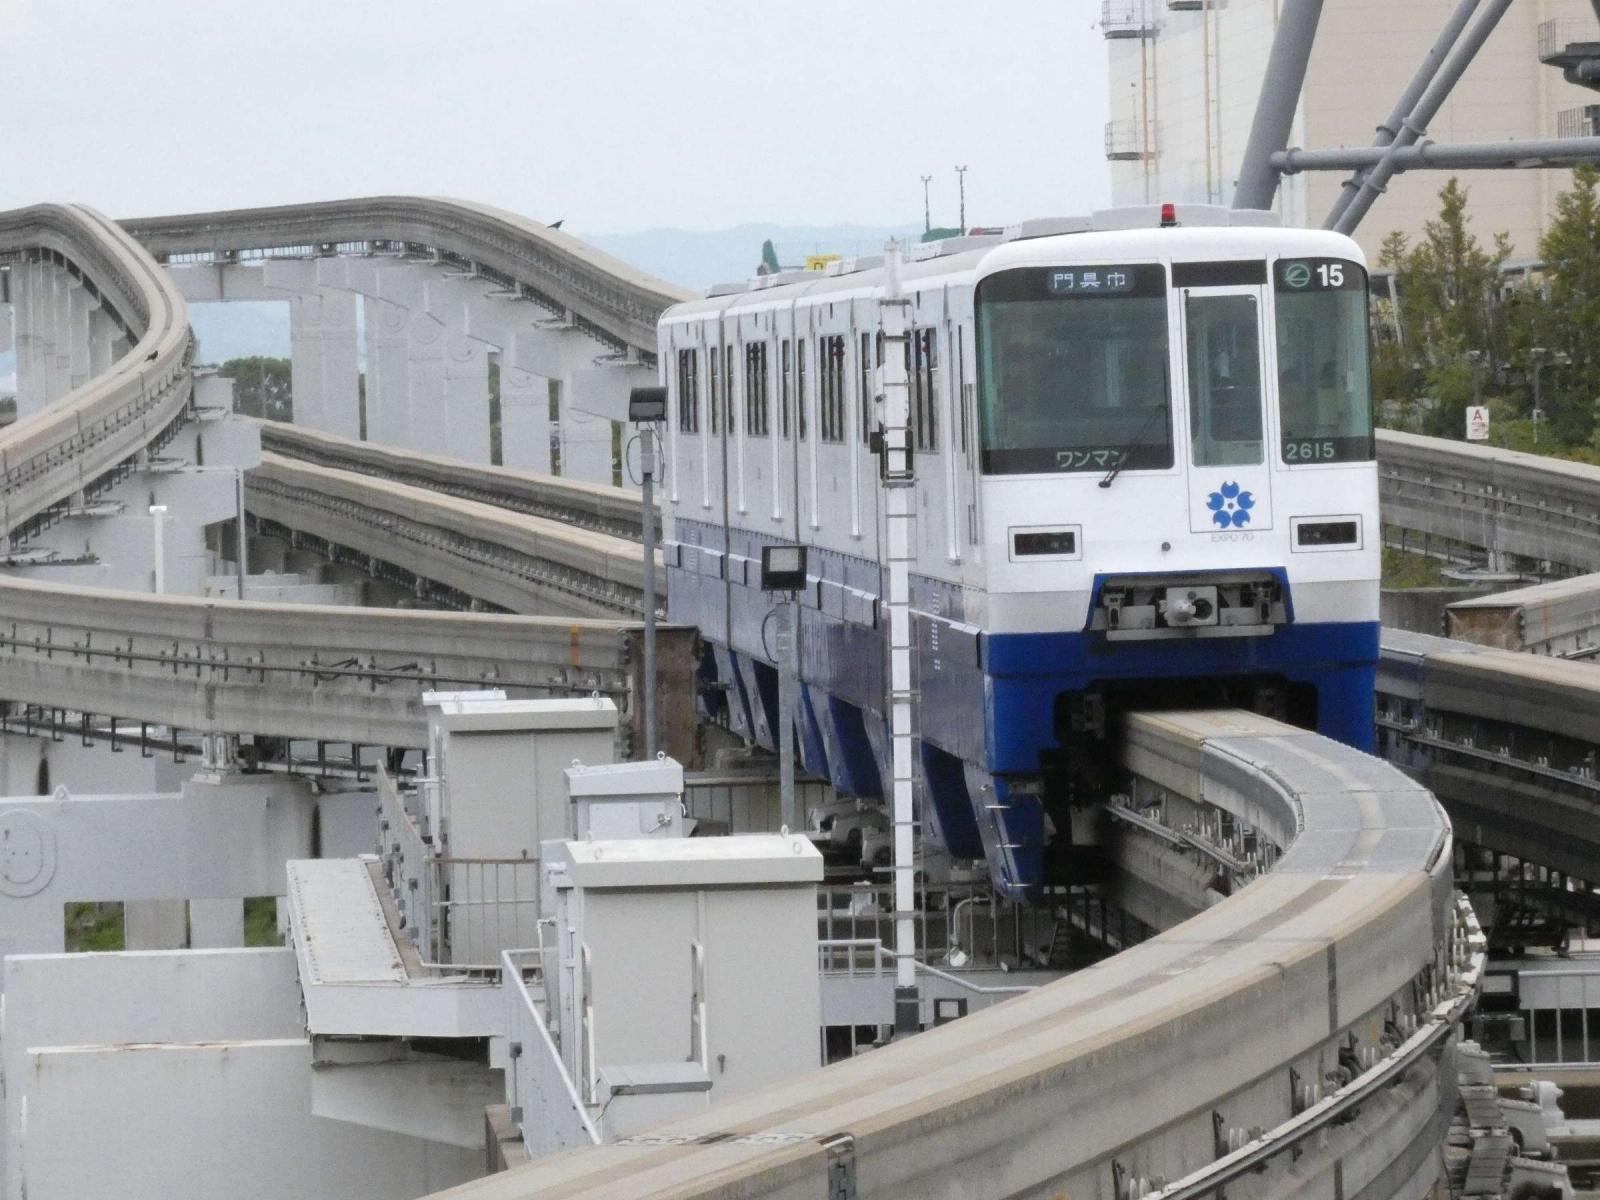 大阪モノレール 開業30周年 ②: 南太郎のブログ nantaro